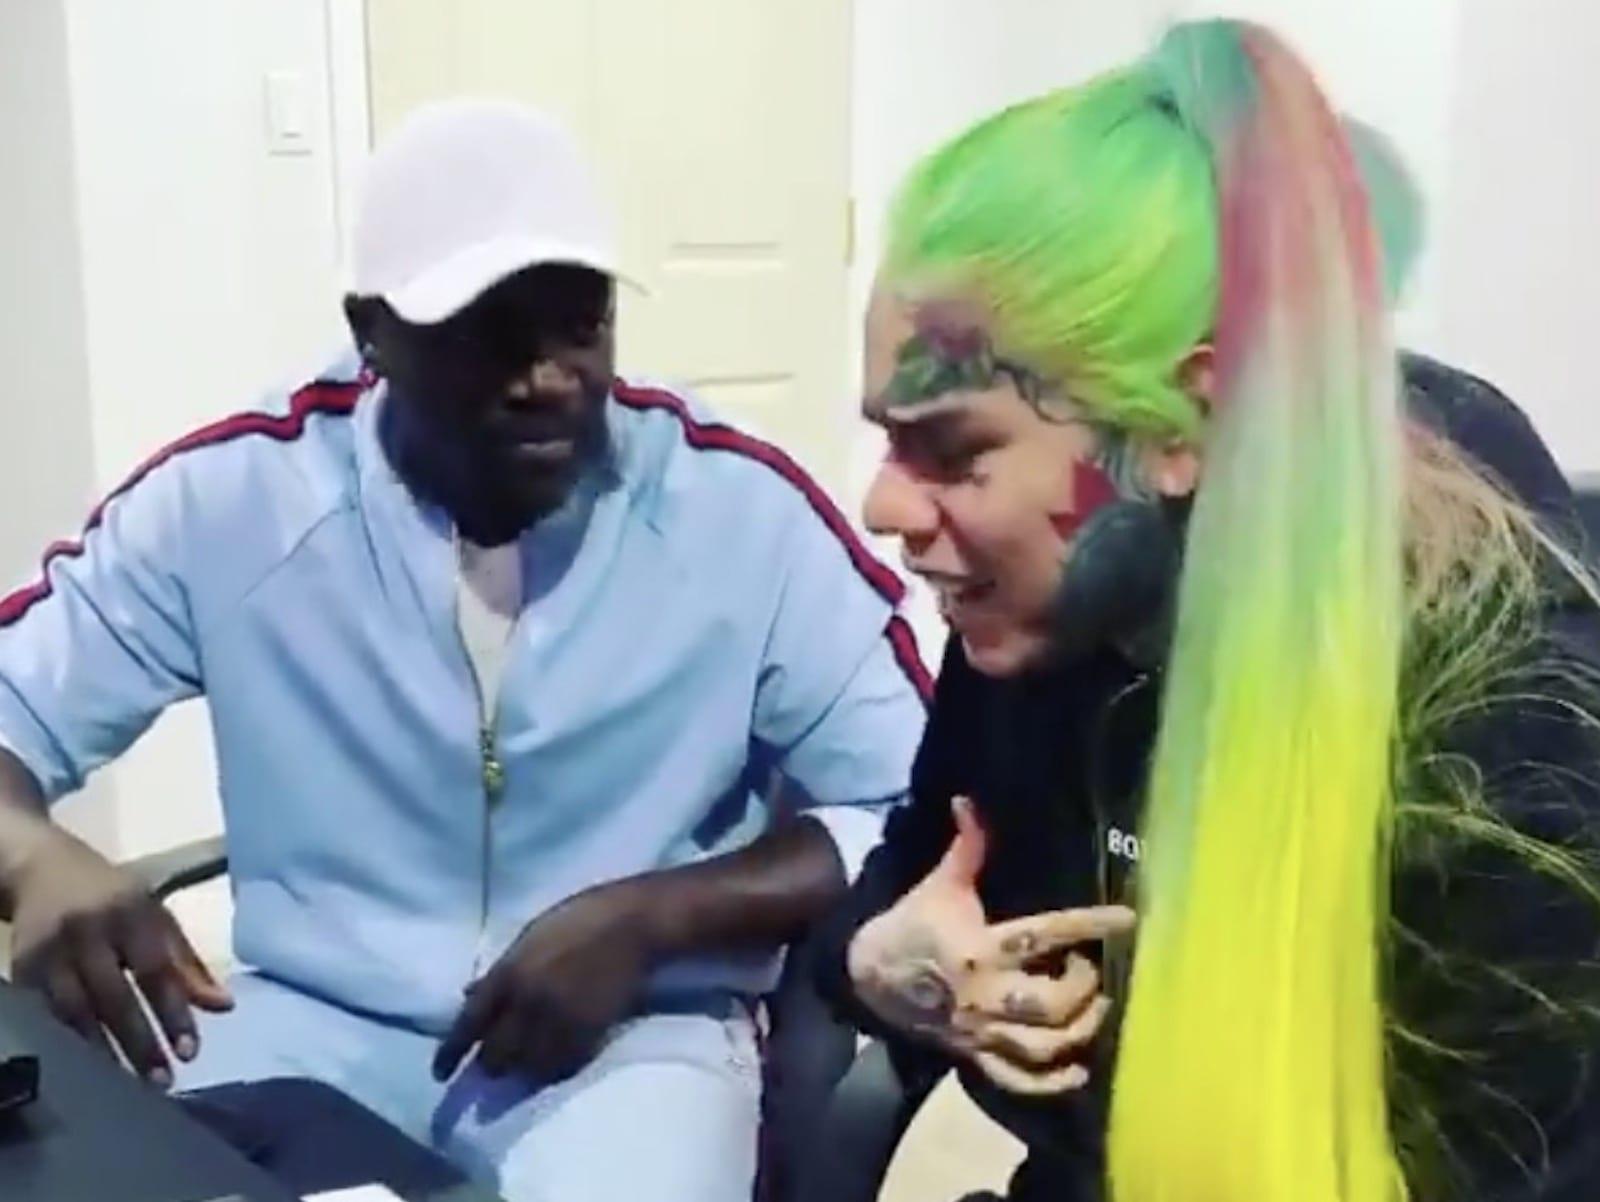 Akon Tekashi 6ix9ine Locked Up 2